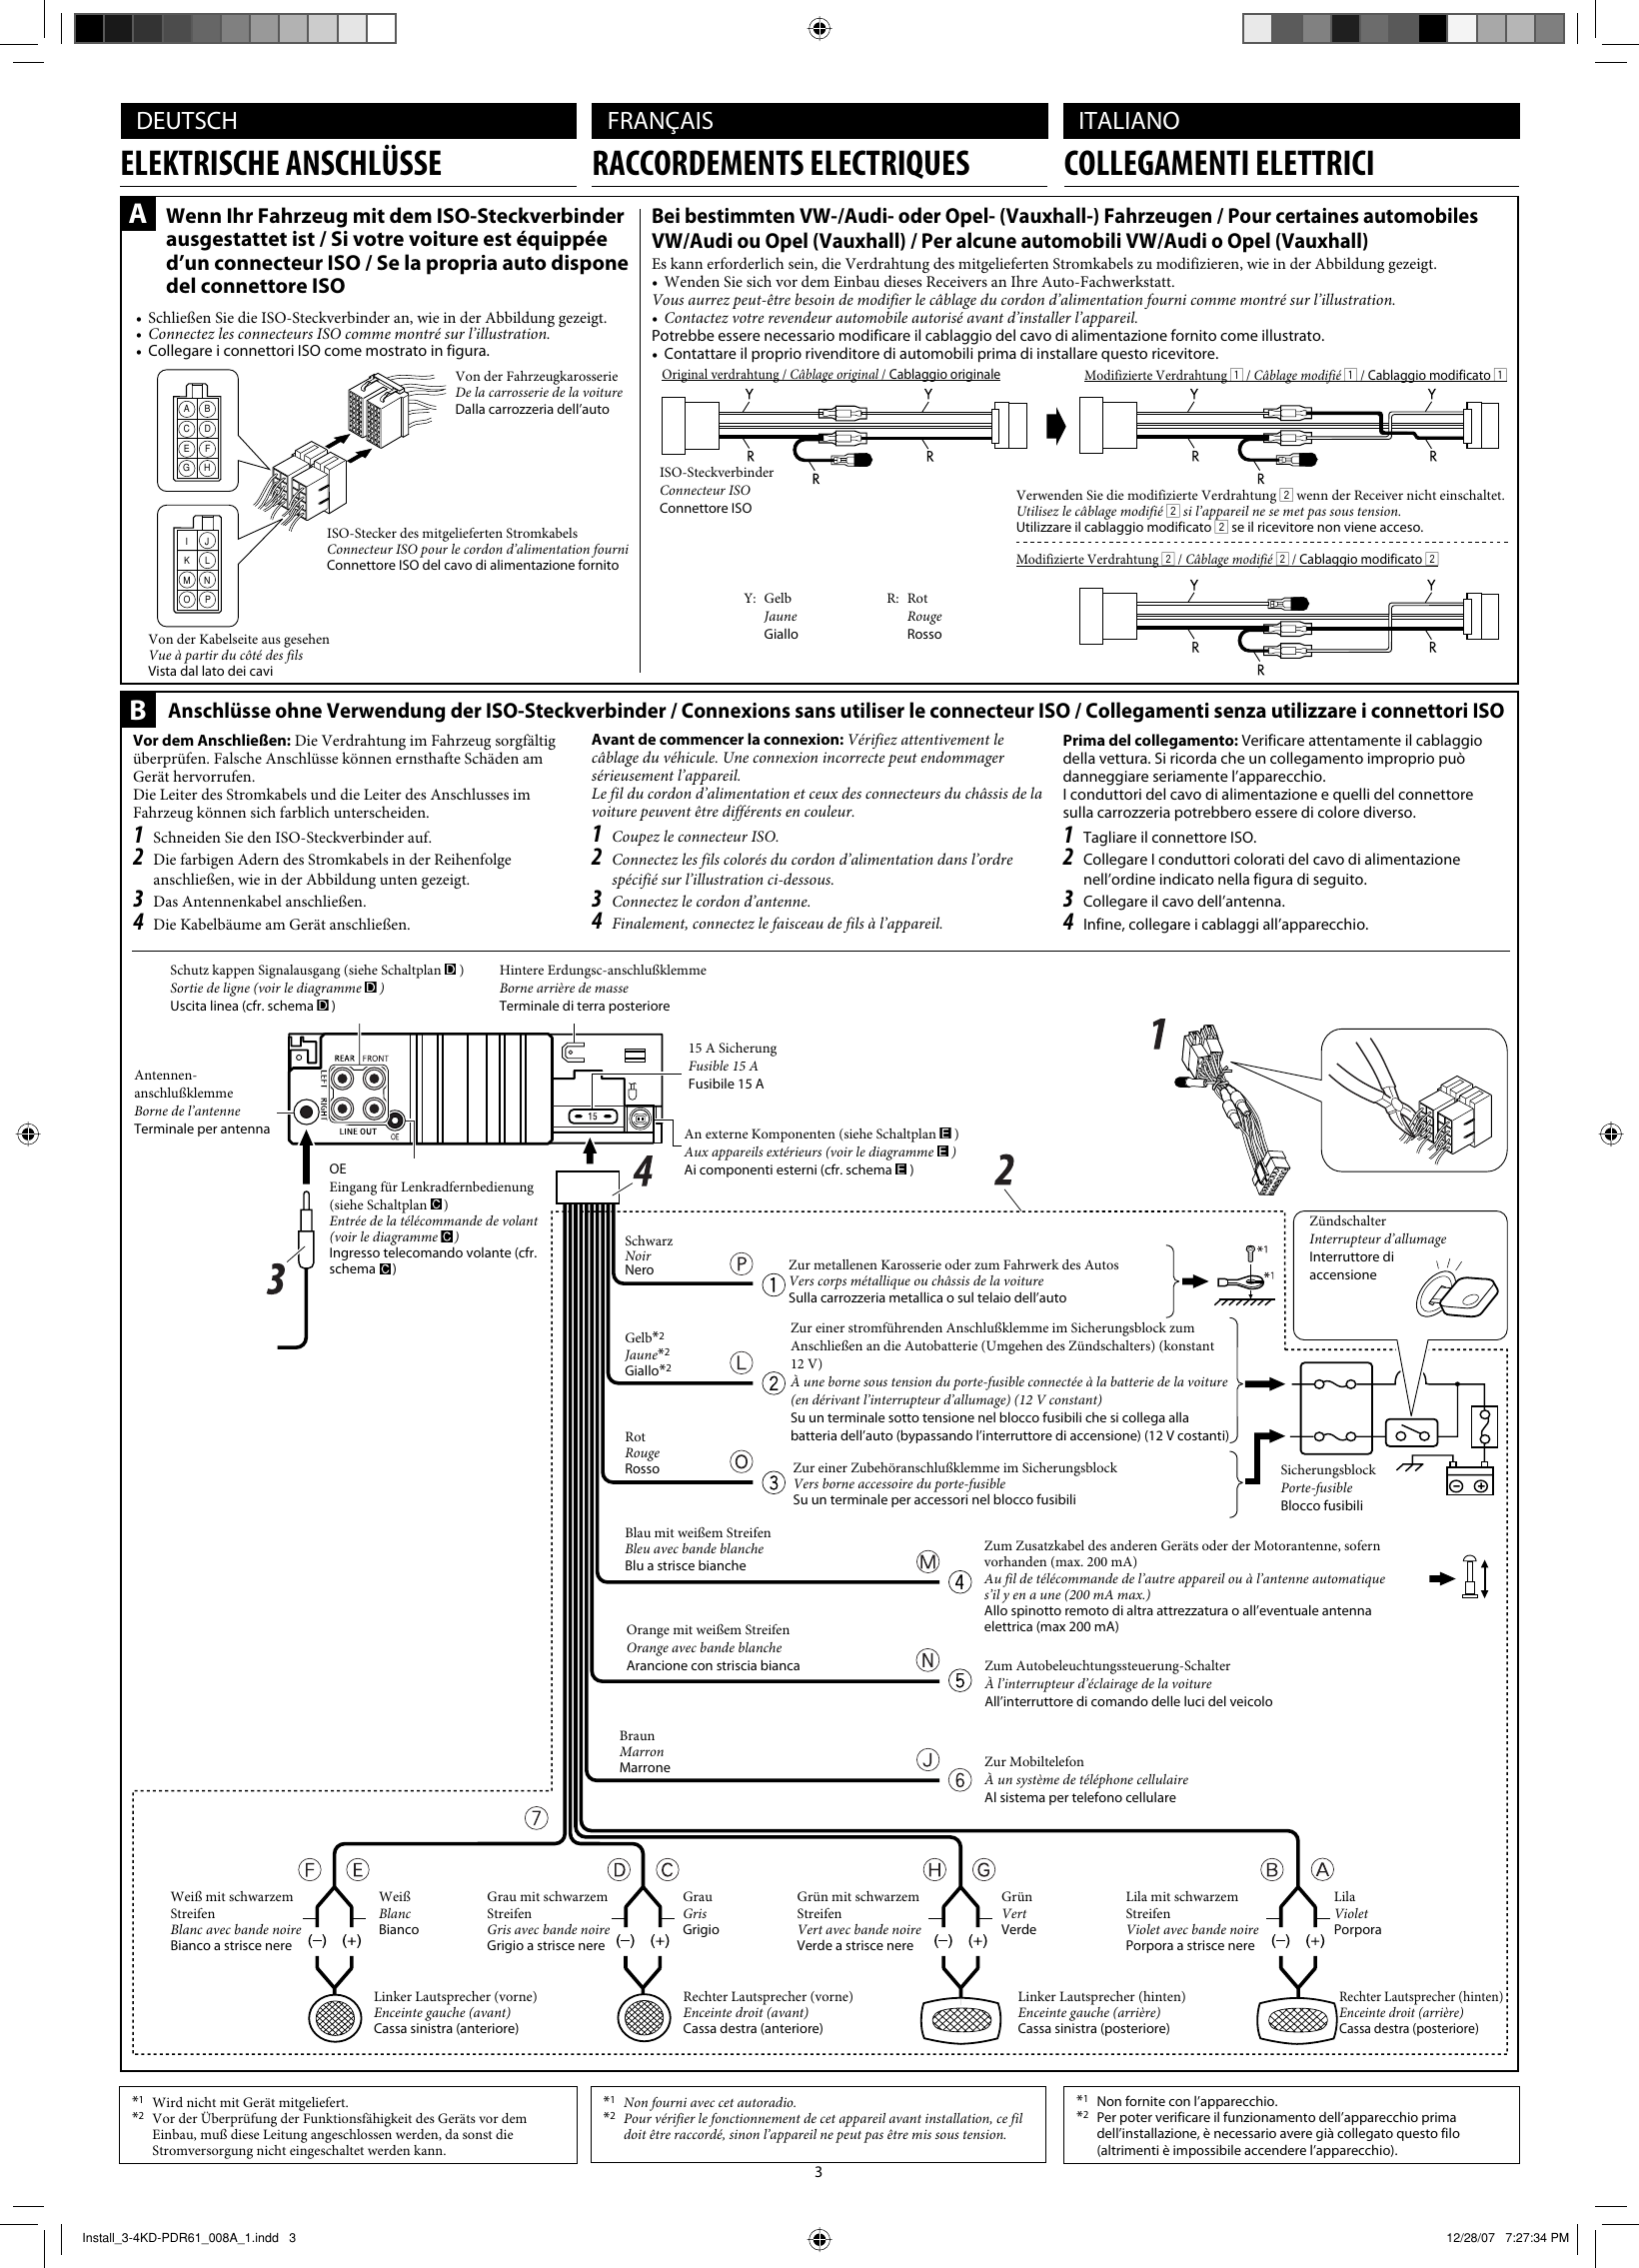 Wunderbar Schaltplan Für Boots Gasmessgeräte Fotos - Der Schaltplan ...